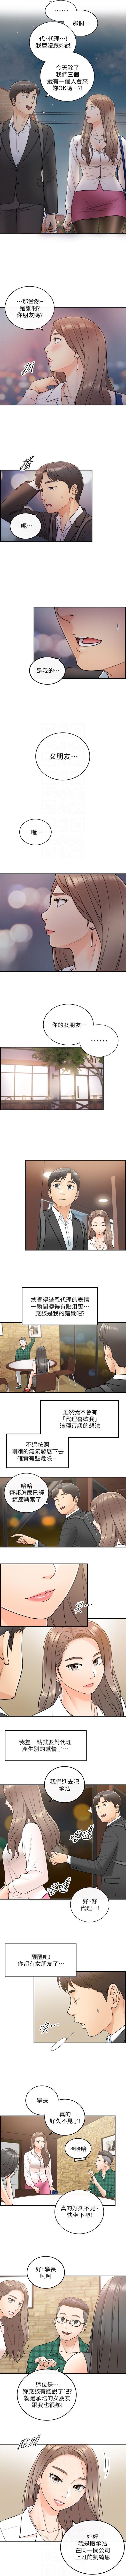 (周5)正妹小主管 1-26 中文翻译(更新中) 79